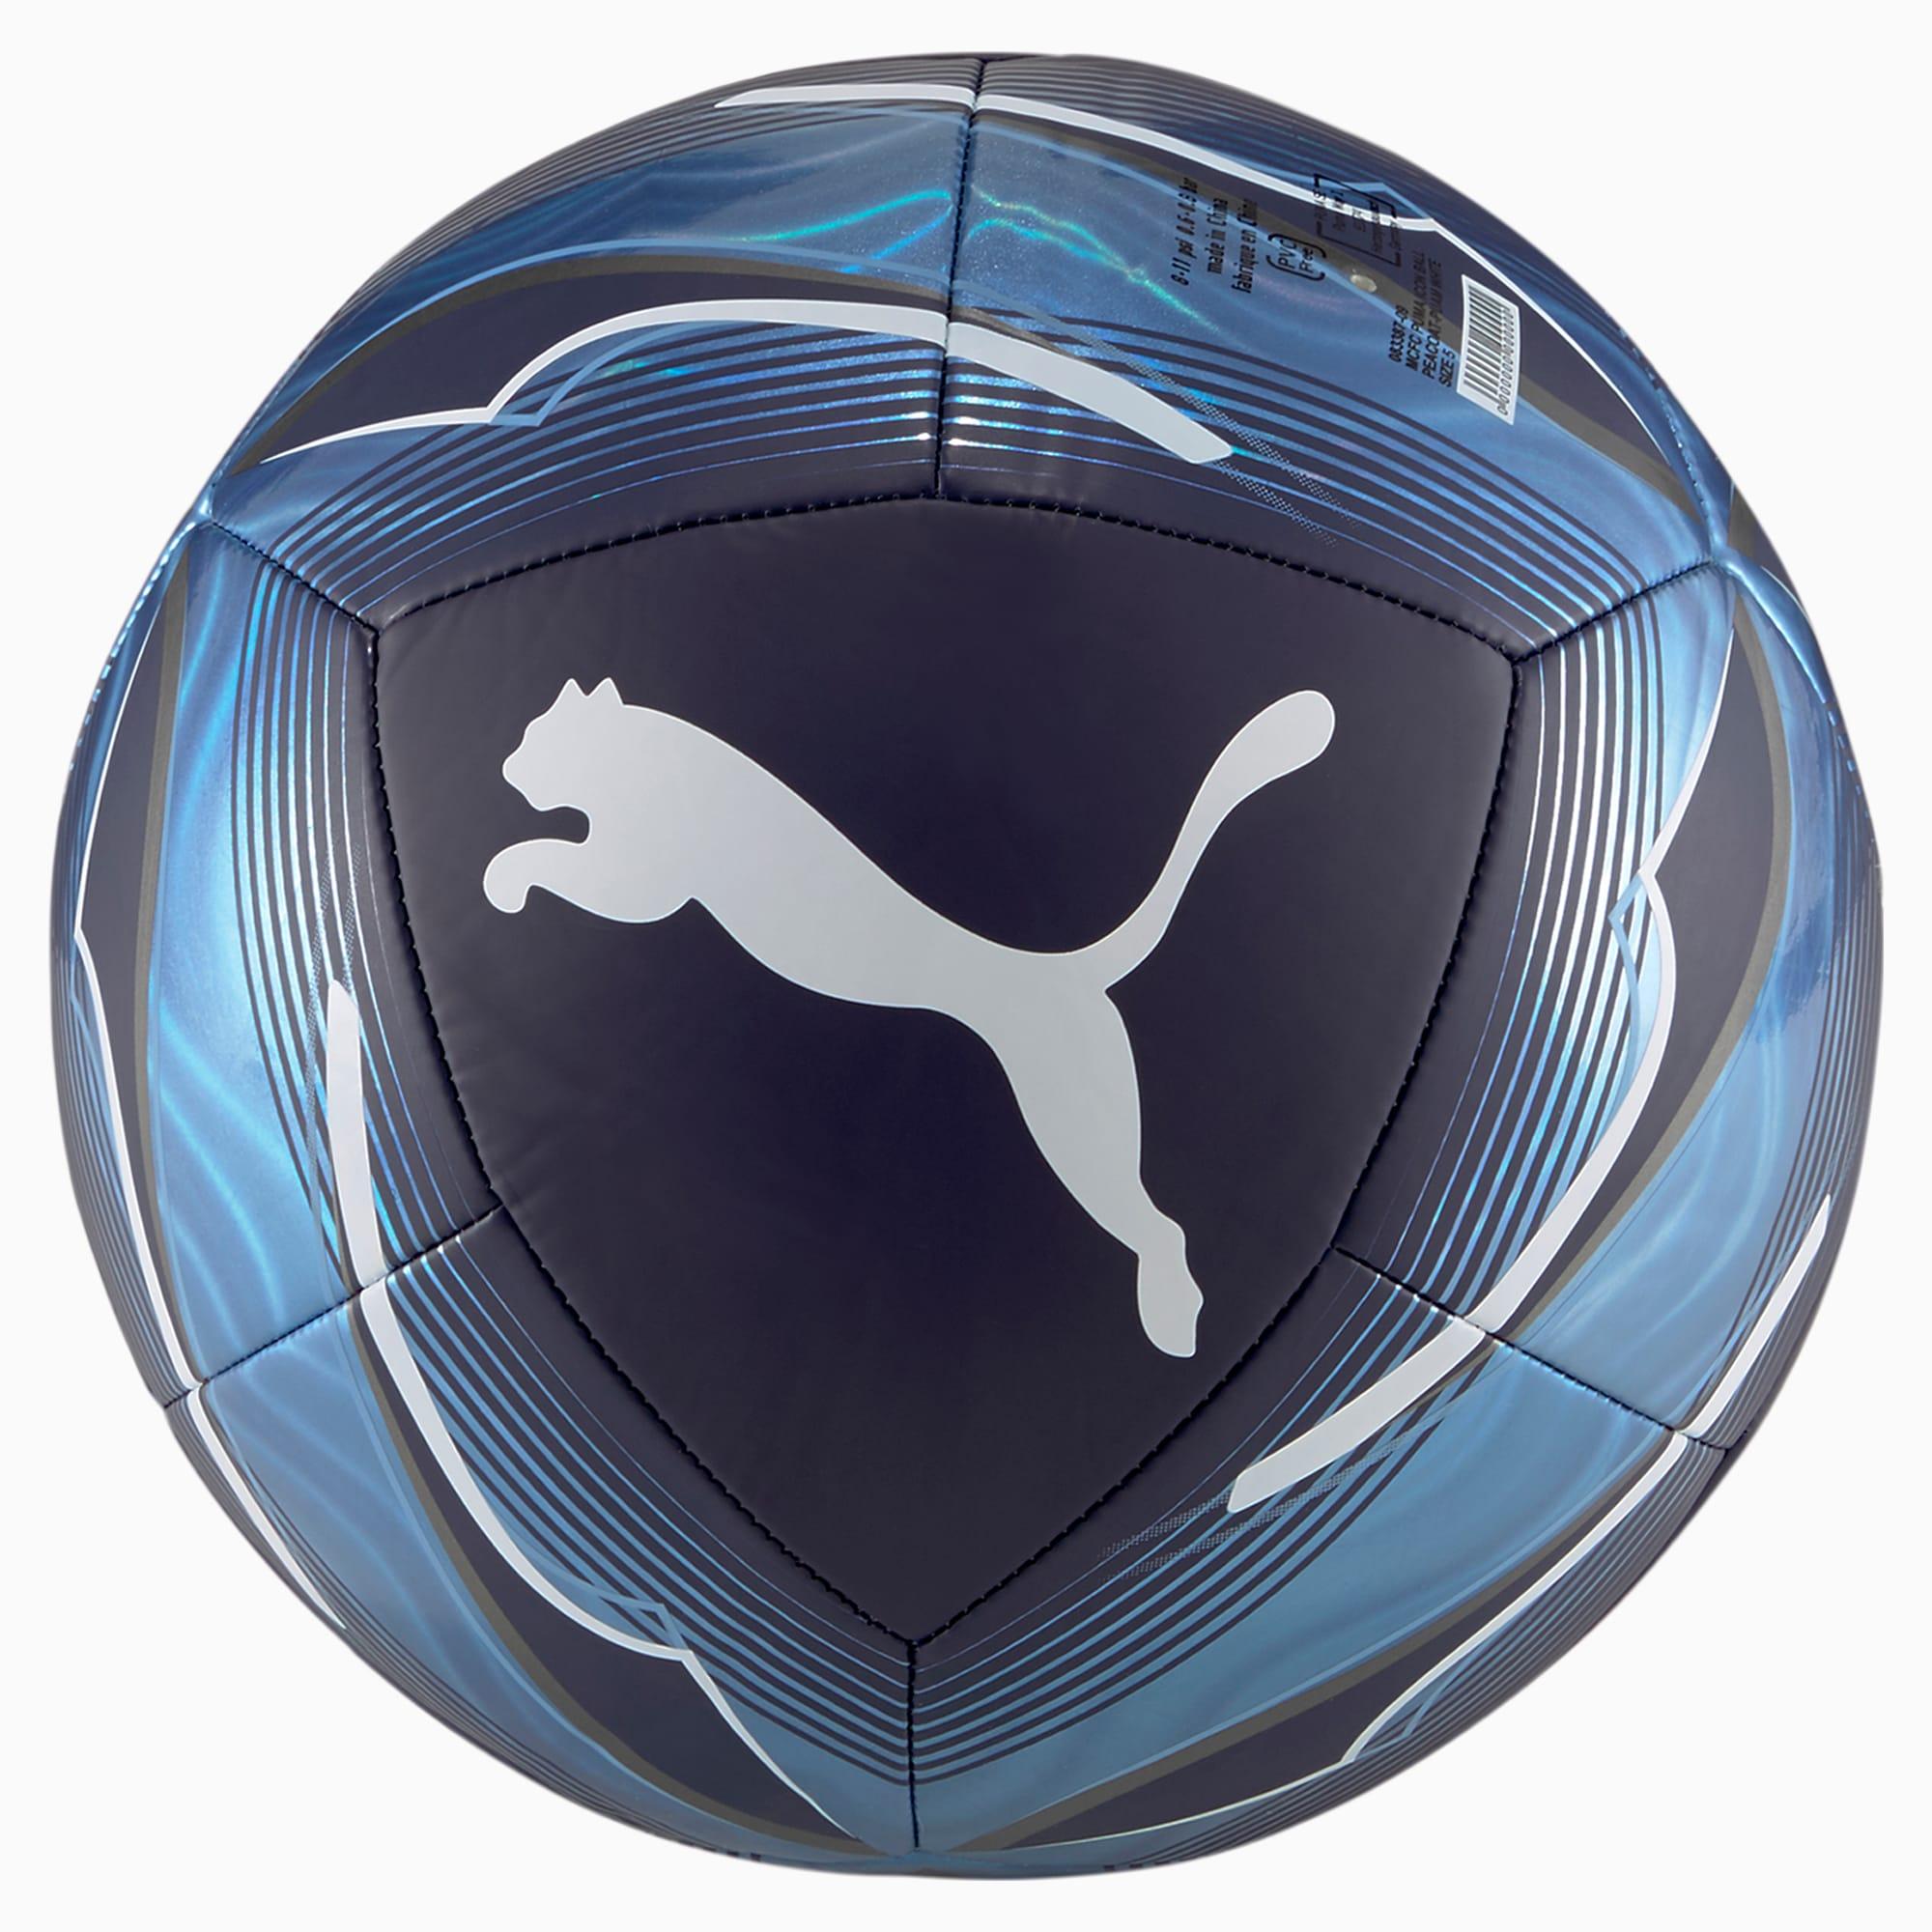 PUMA Man City Icon Fußball | Weiß | Größe: 5